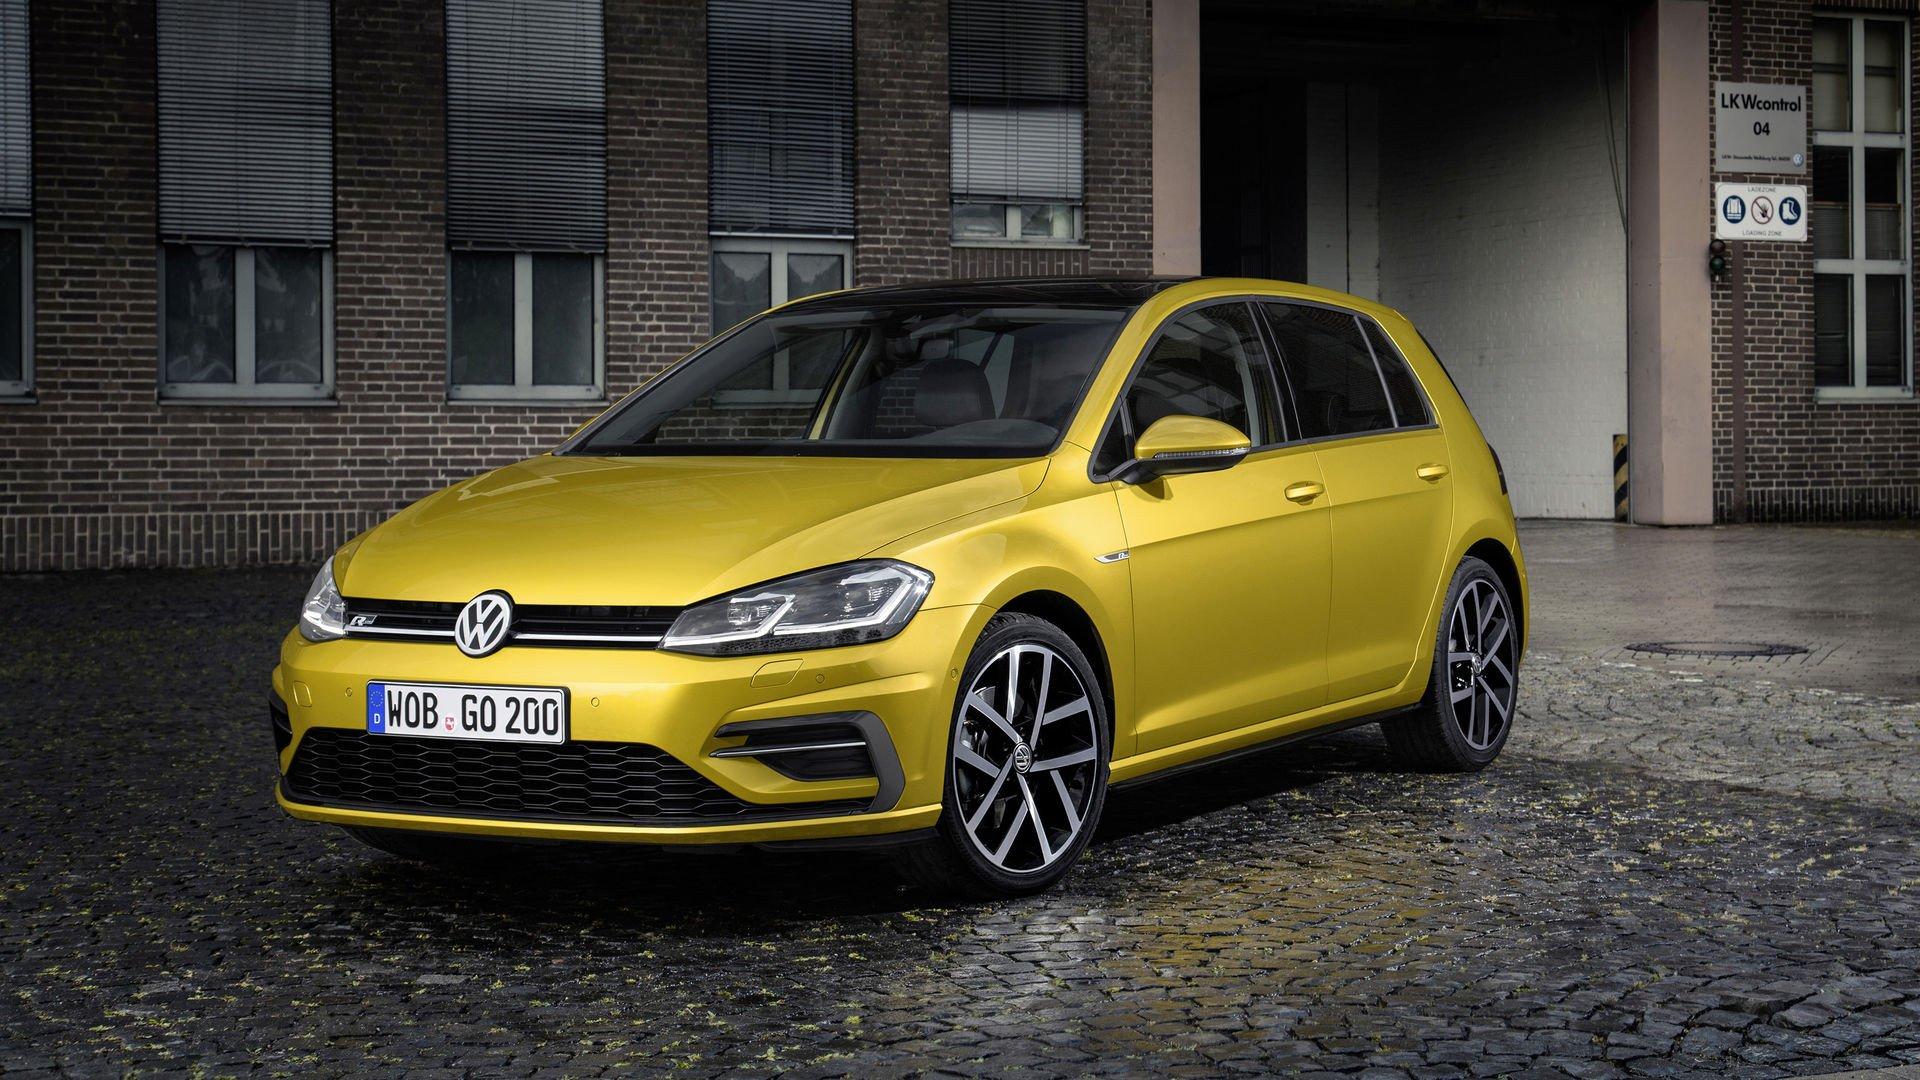 VW работает сфранцузскими властями в изучении «дизельгейта»